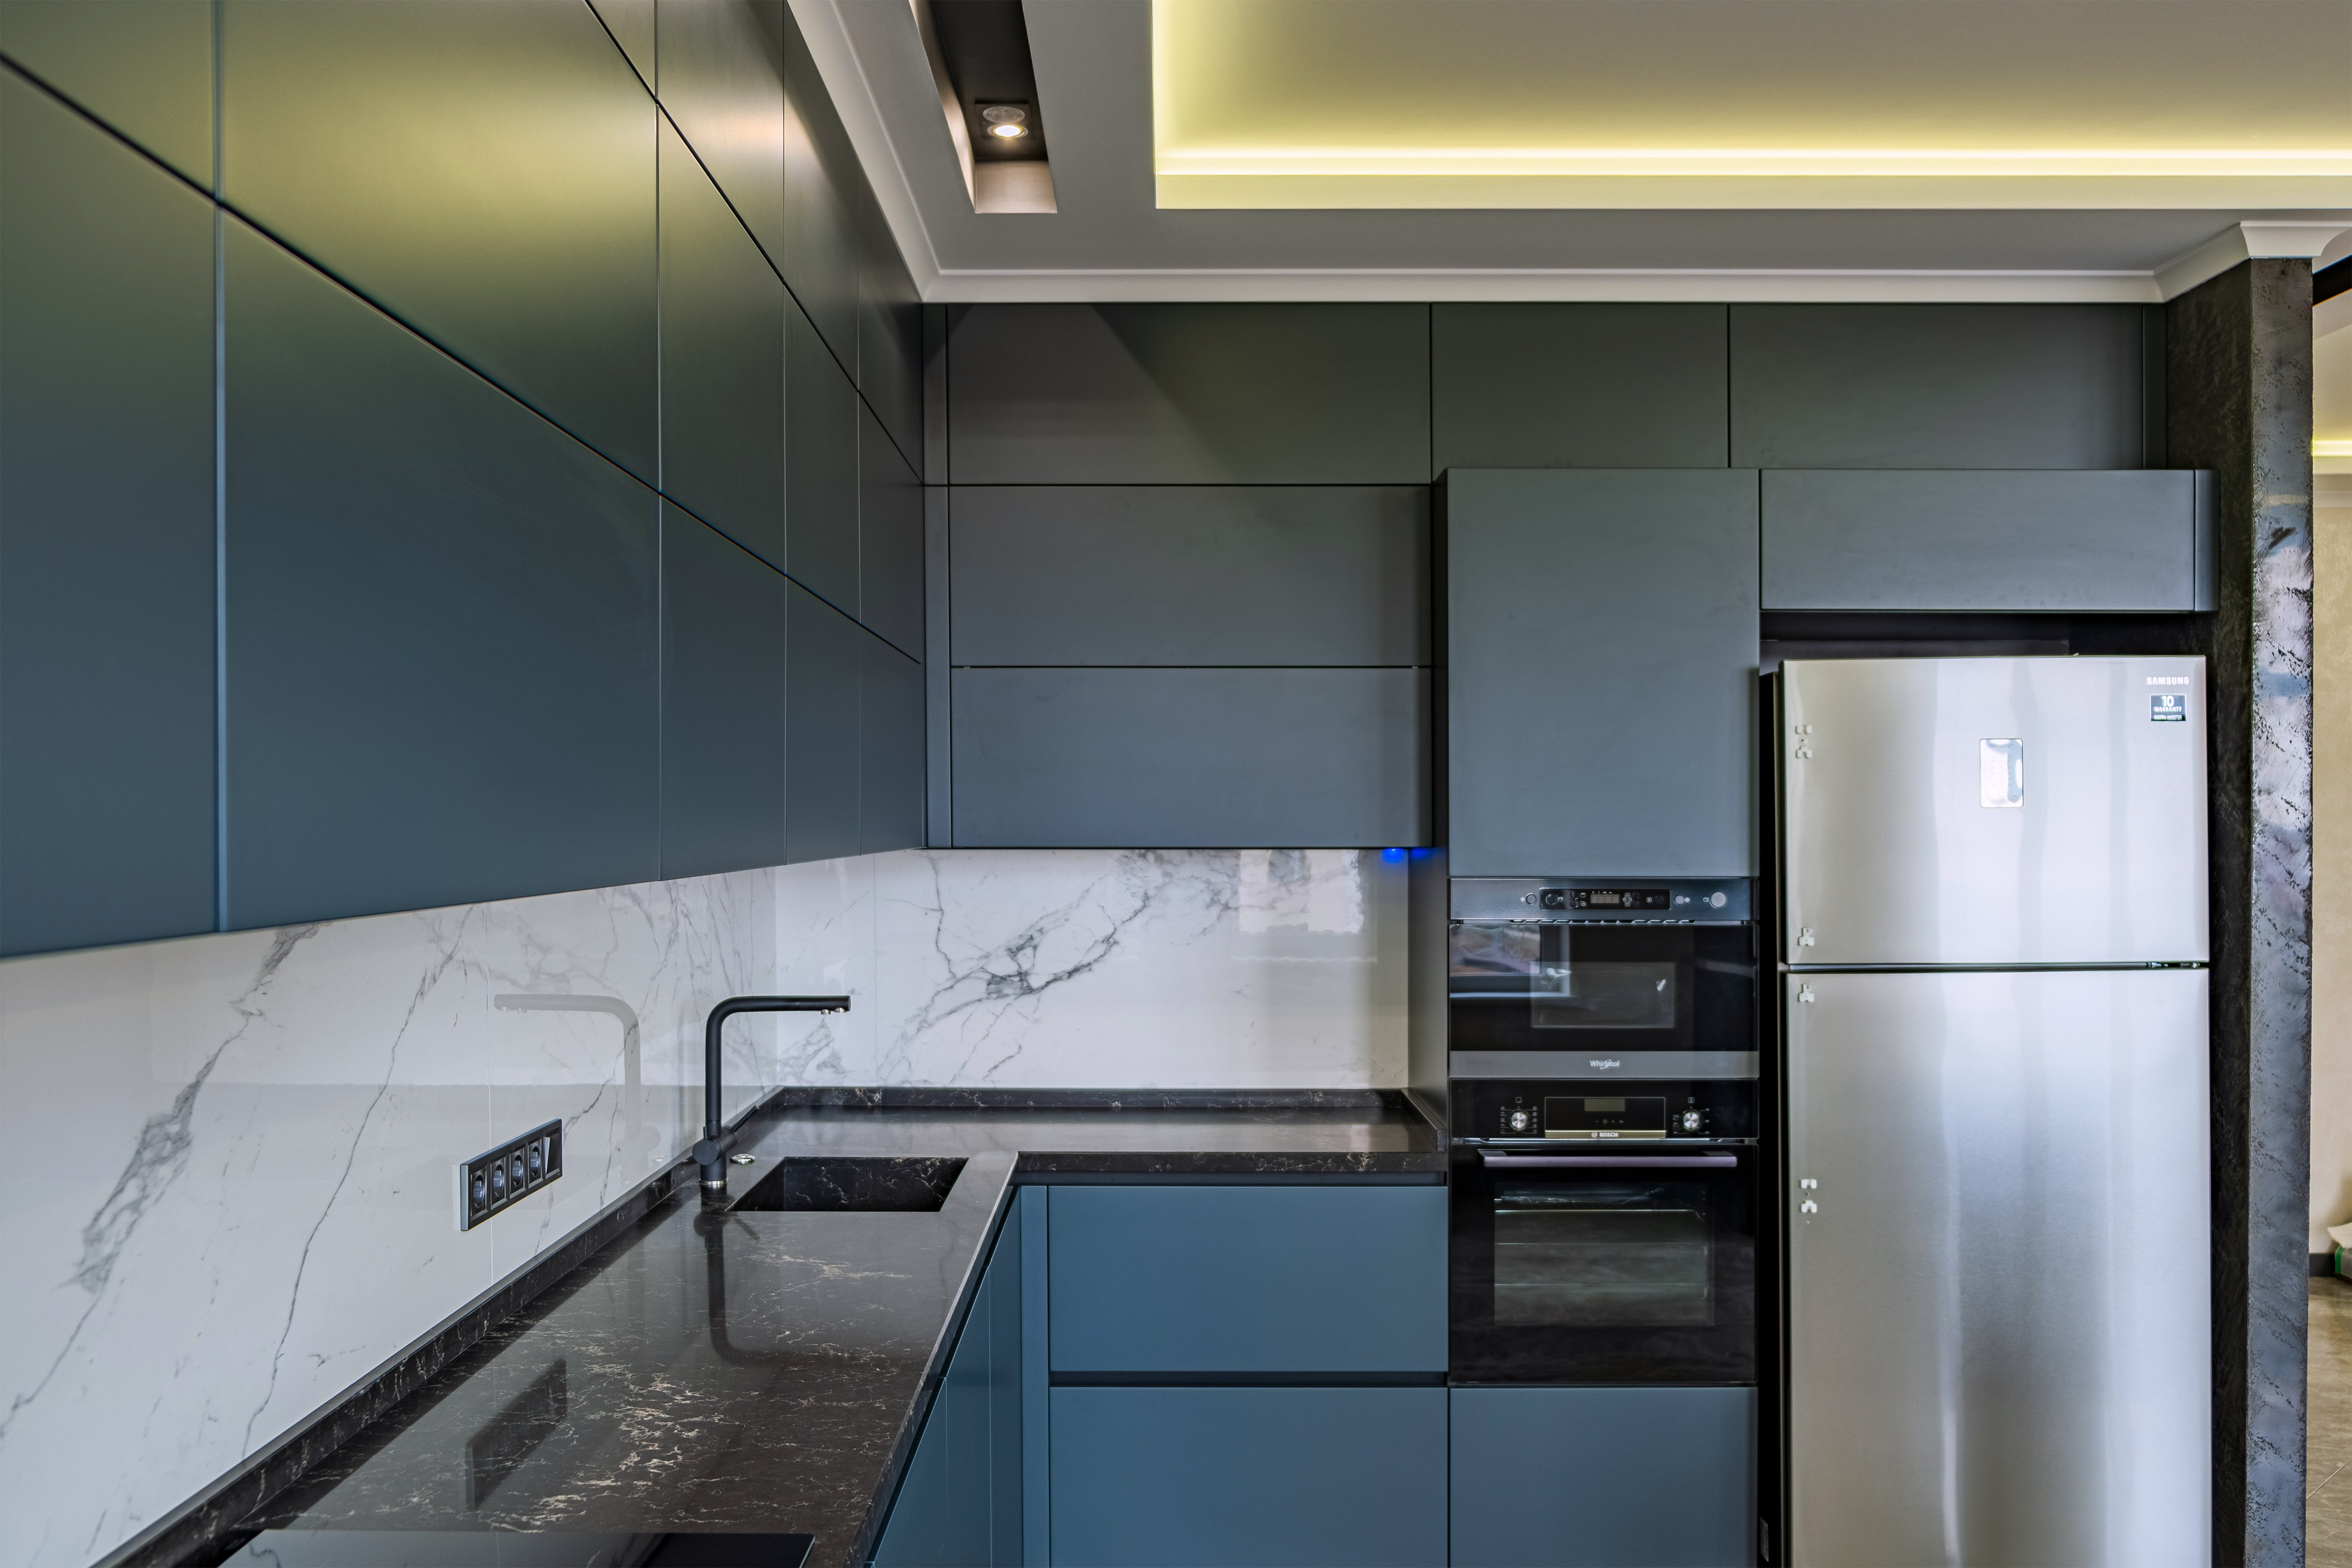 Дизайнерская кухня после ремонта квартиры 29-й Жемчужине